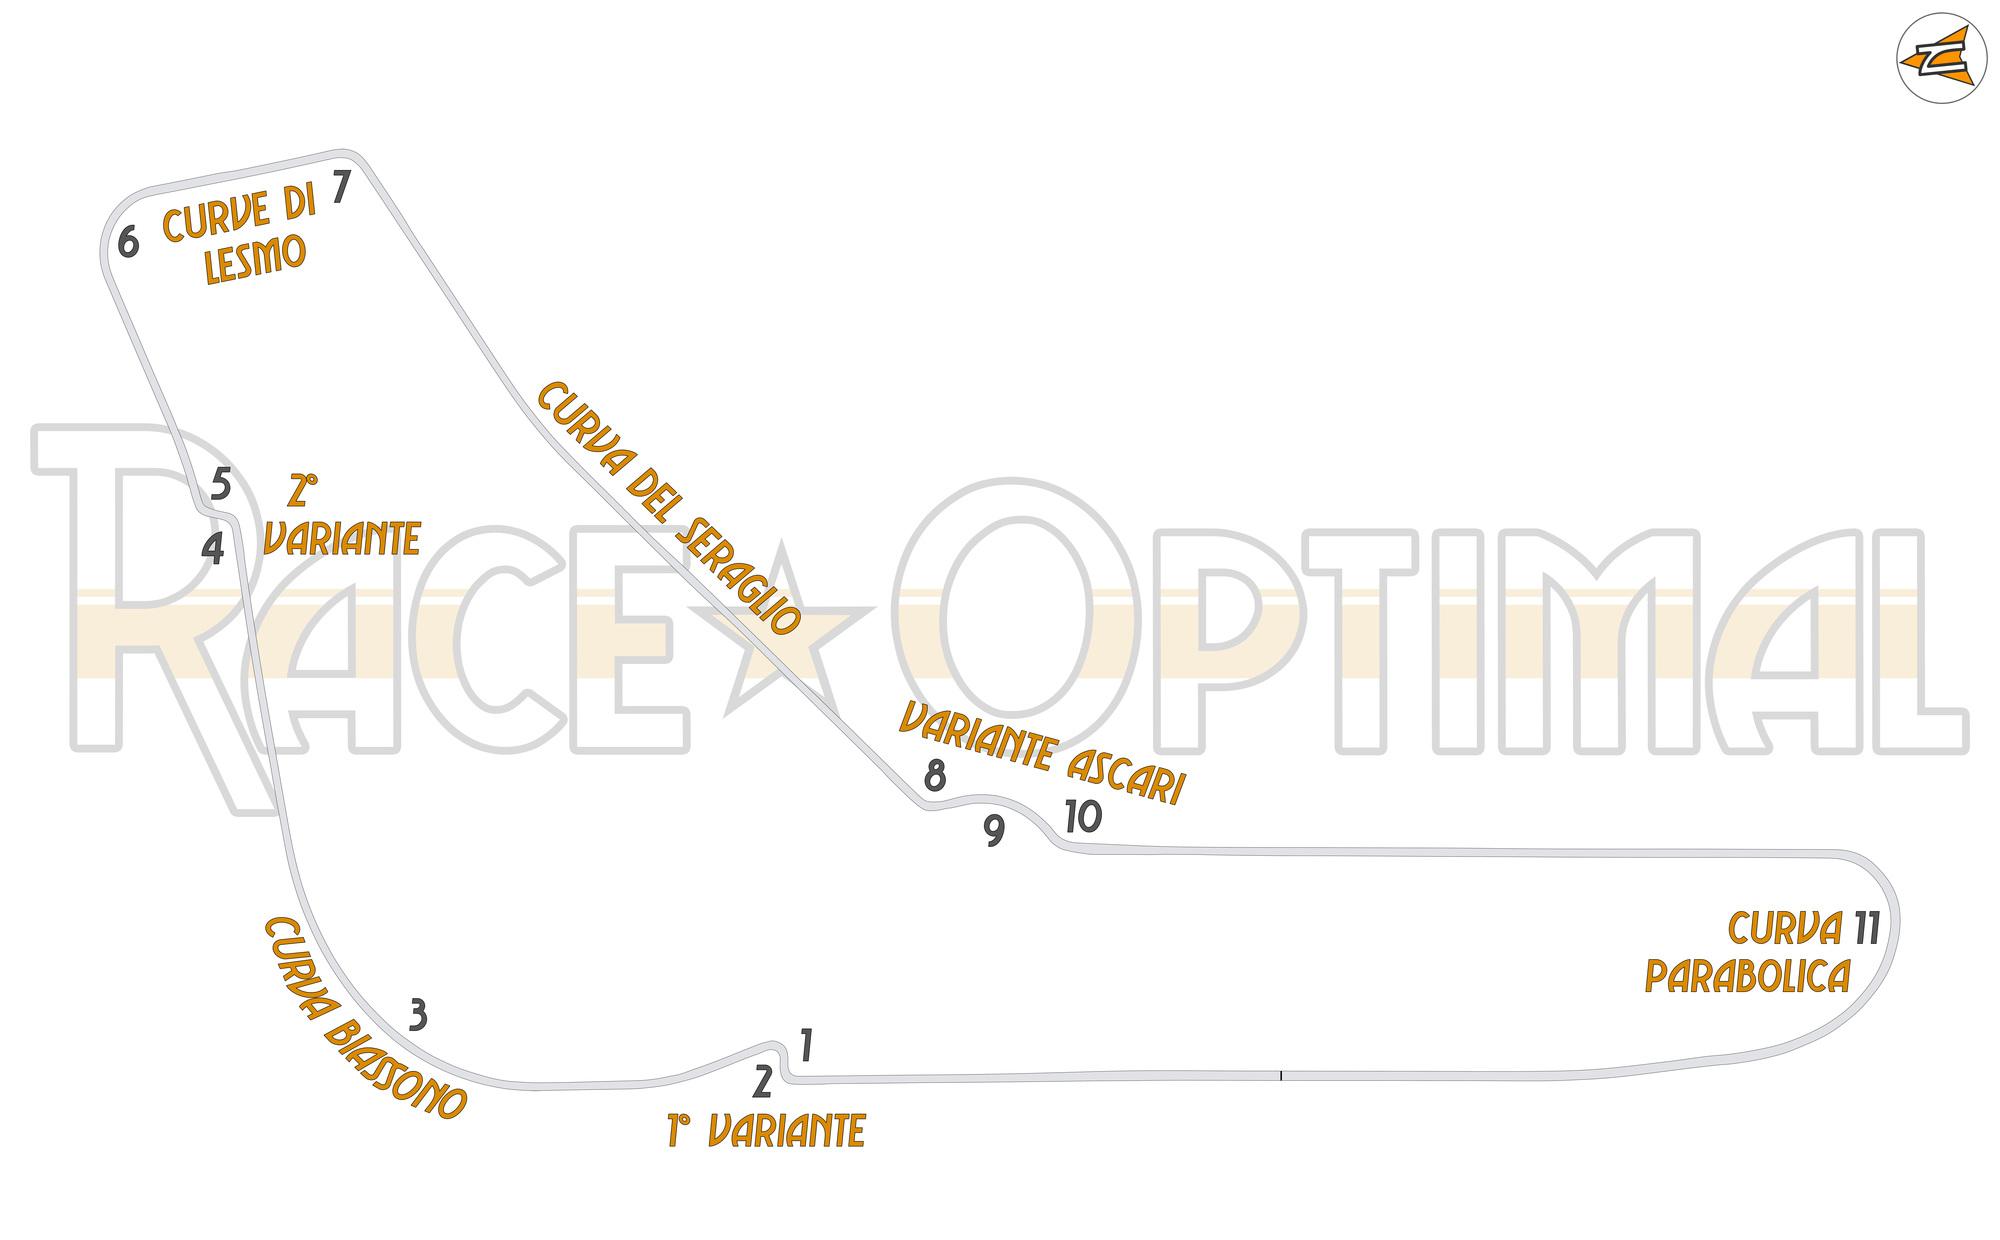 Racing Line Map at Autodromo Nazionale Monza